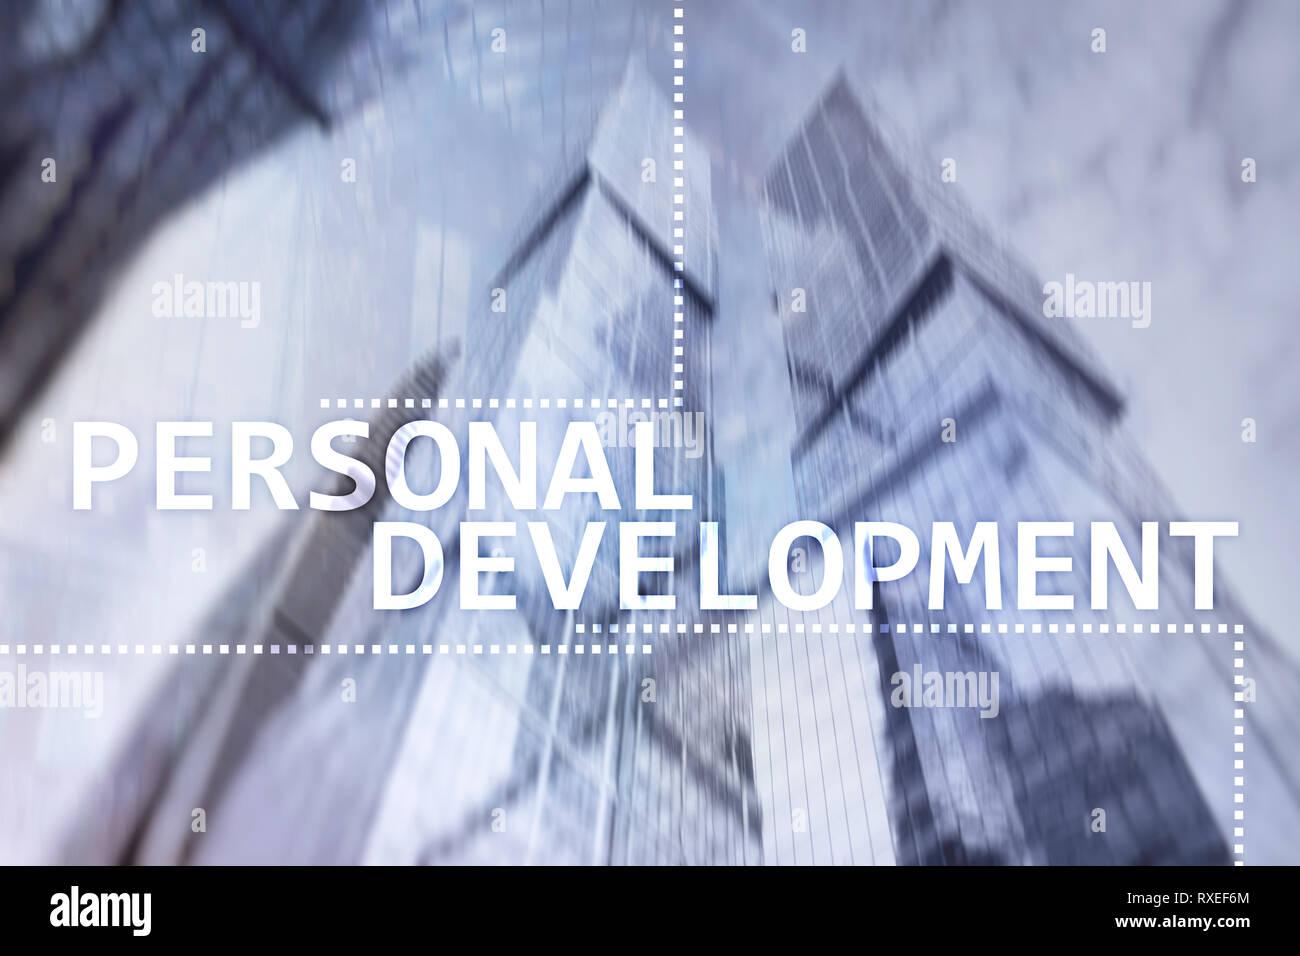 Desarrollo y crecimiento personal concepto de exposición doble fondo. Imagen De Stock